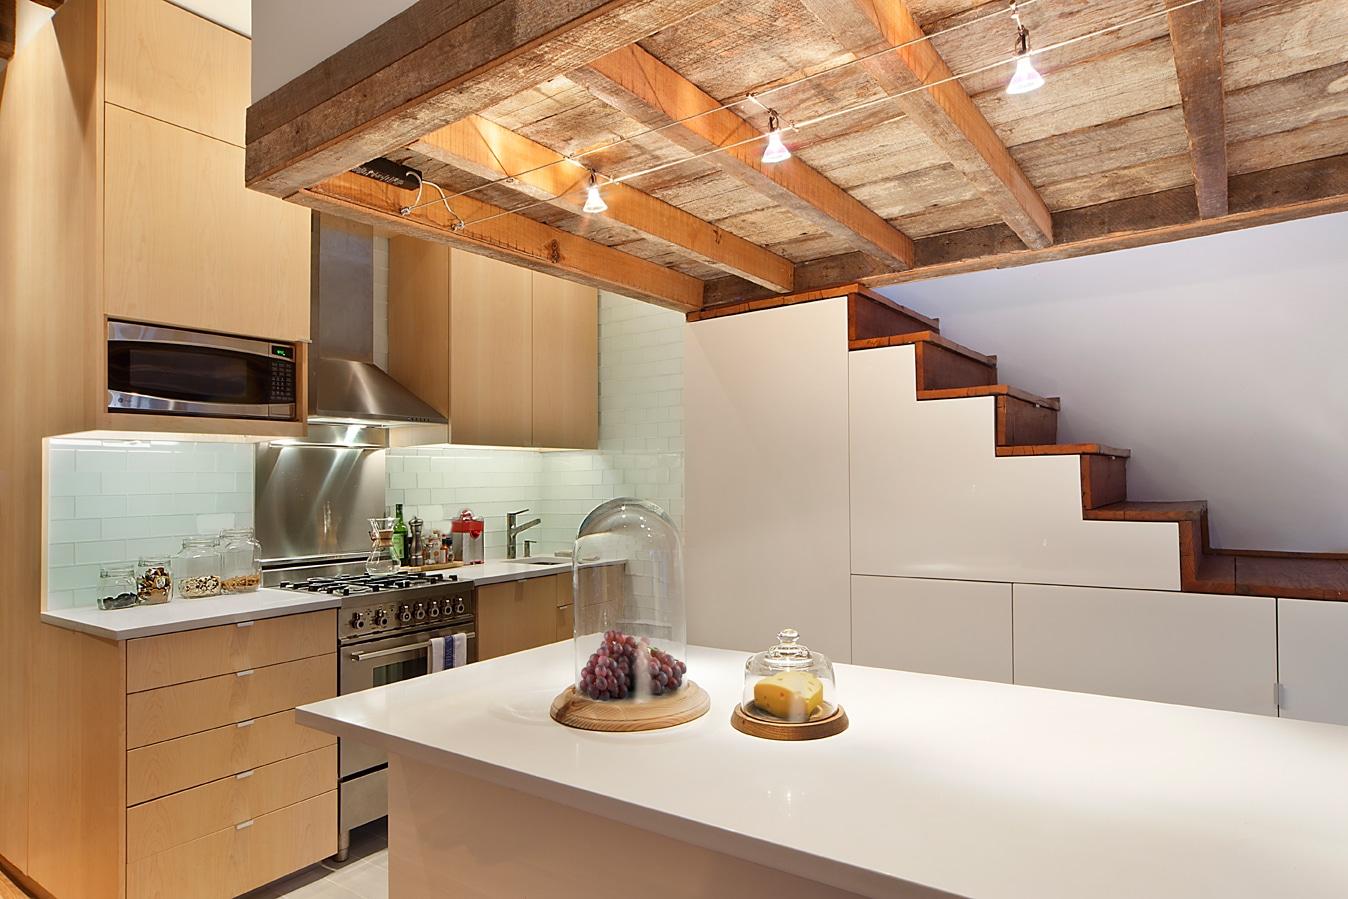 Decoracion de interiores cocinas fabulous decoracion de for Decoracion interiores cocina